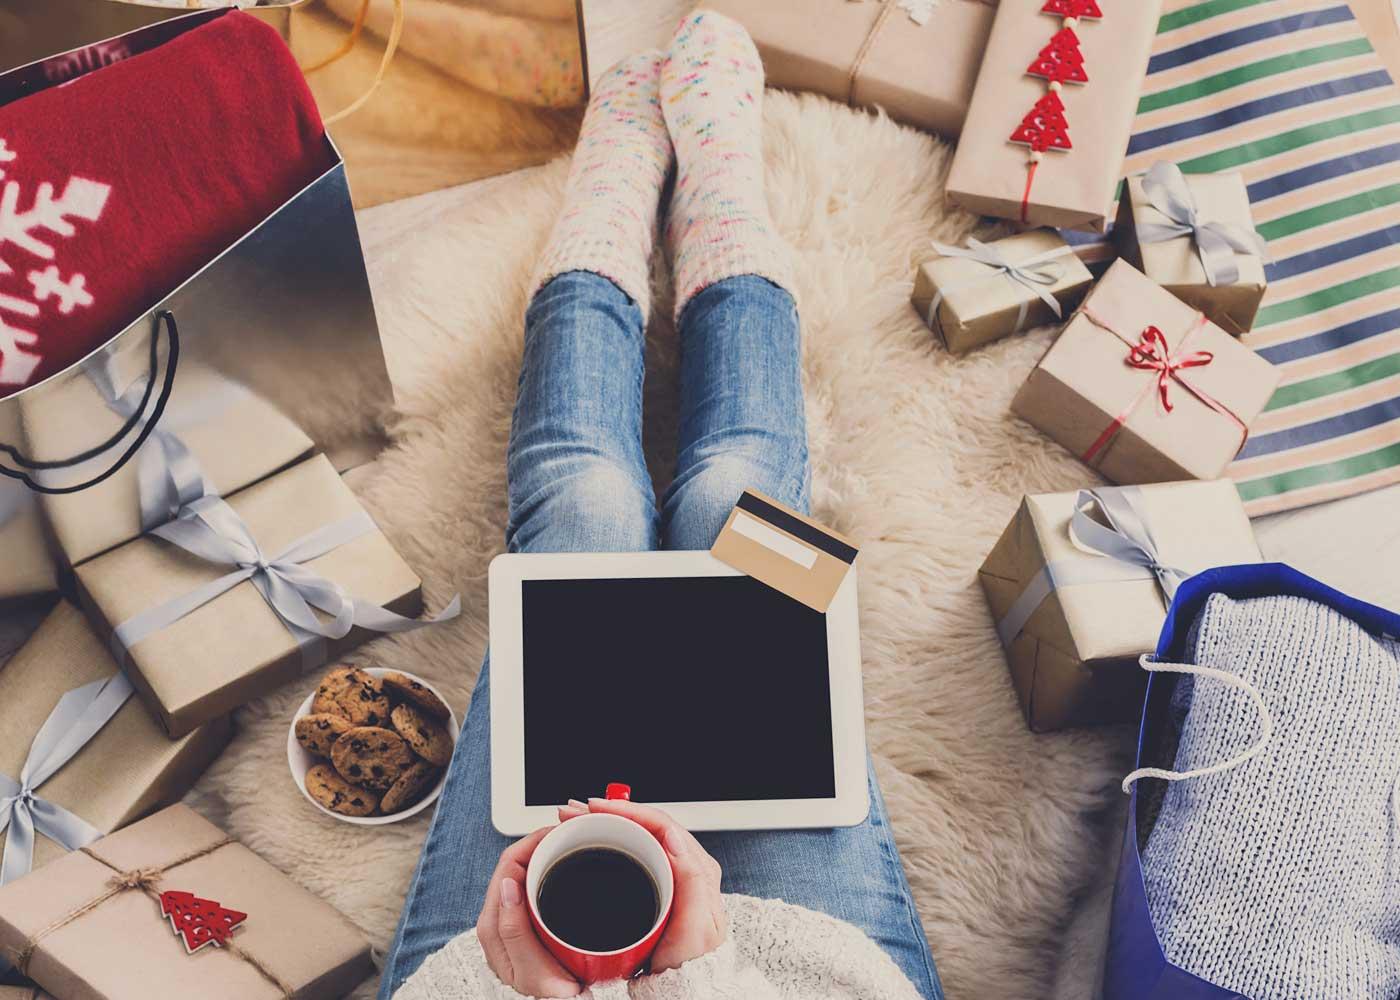 Zamawiasz prezenty świąteczne przez internet? Sprawdź, o czym pamiętać